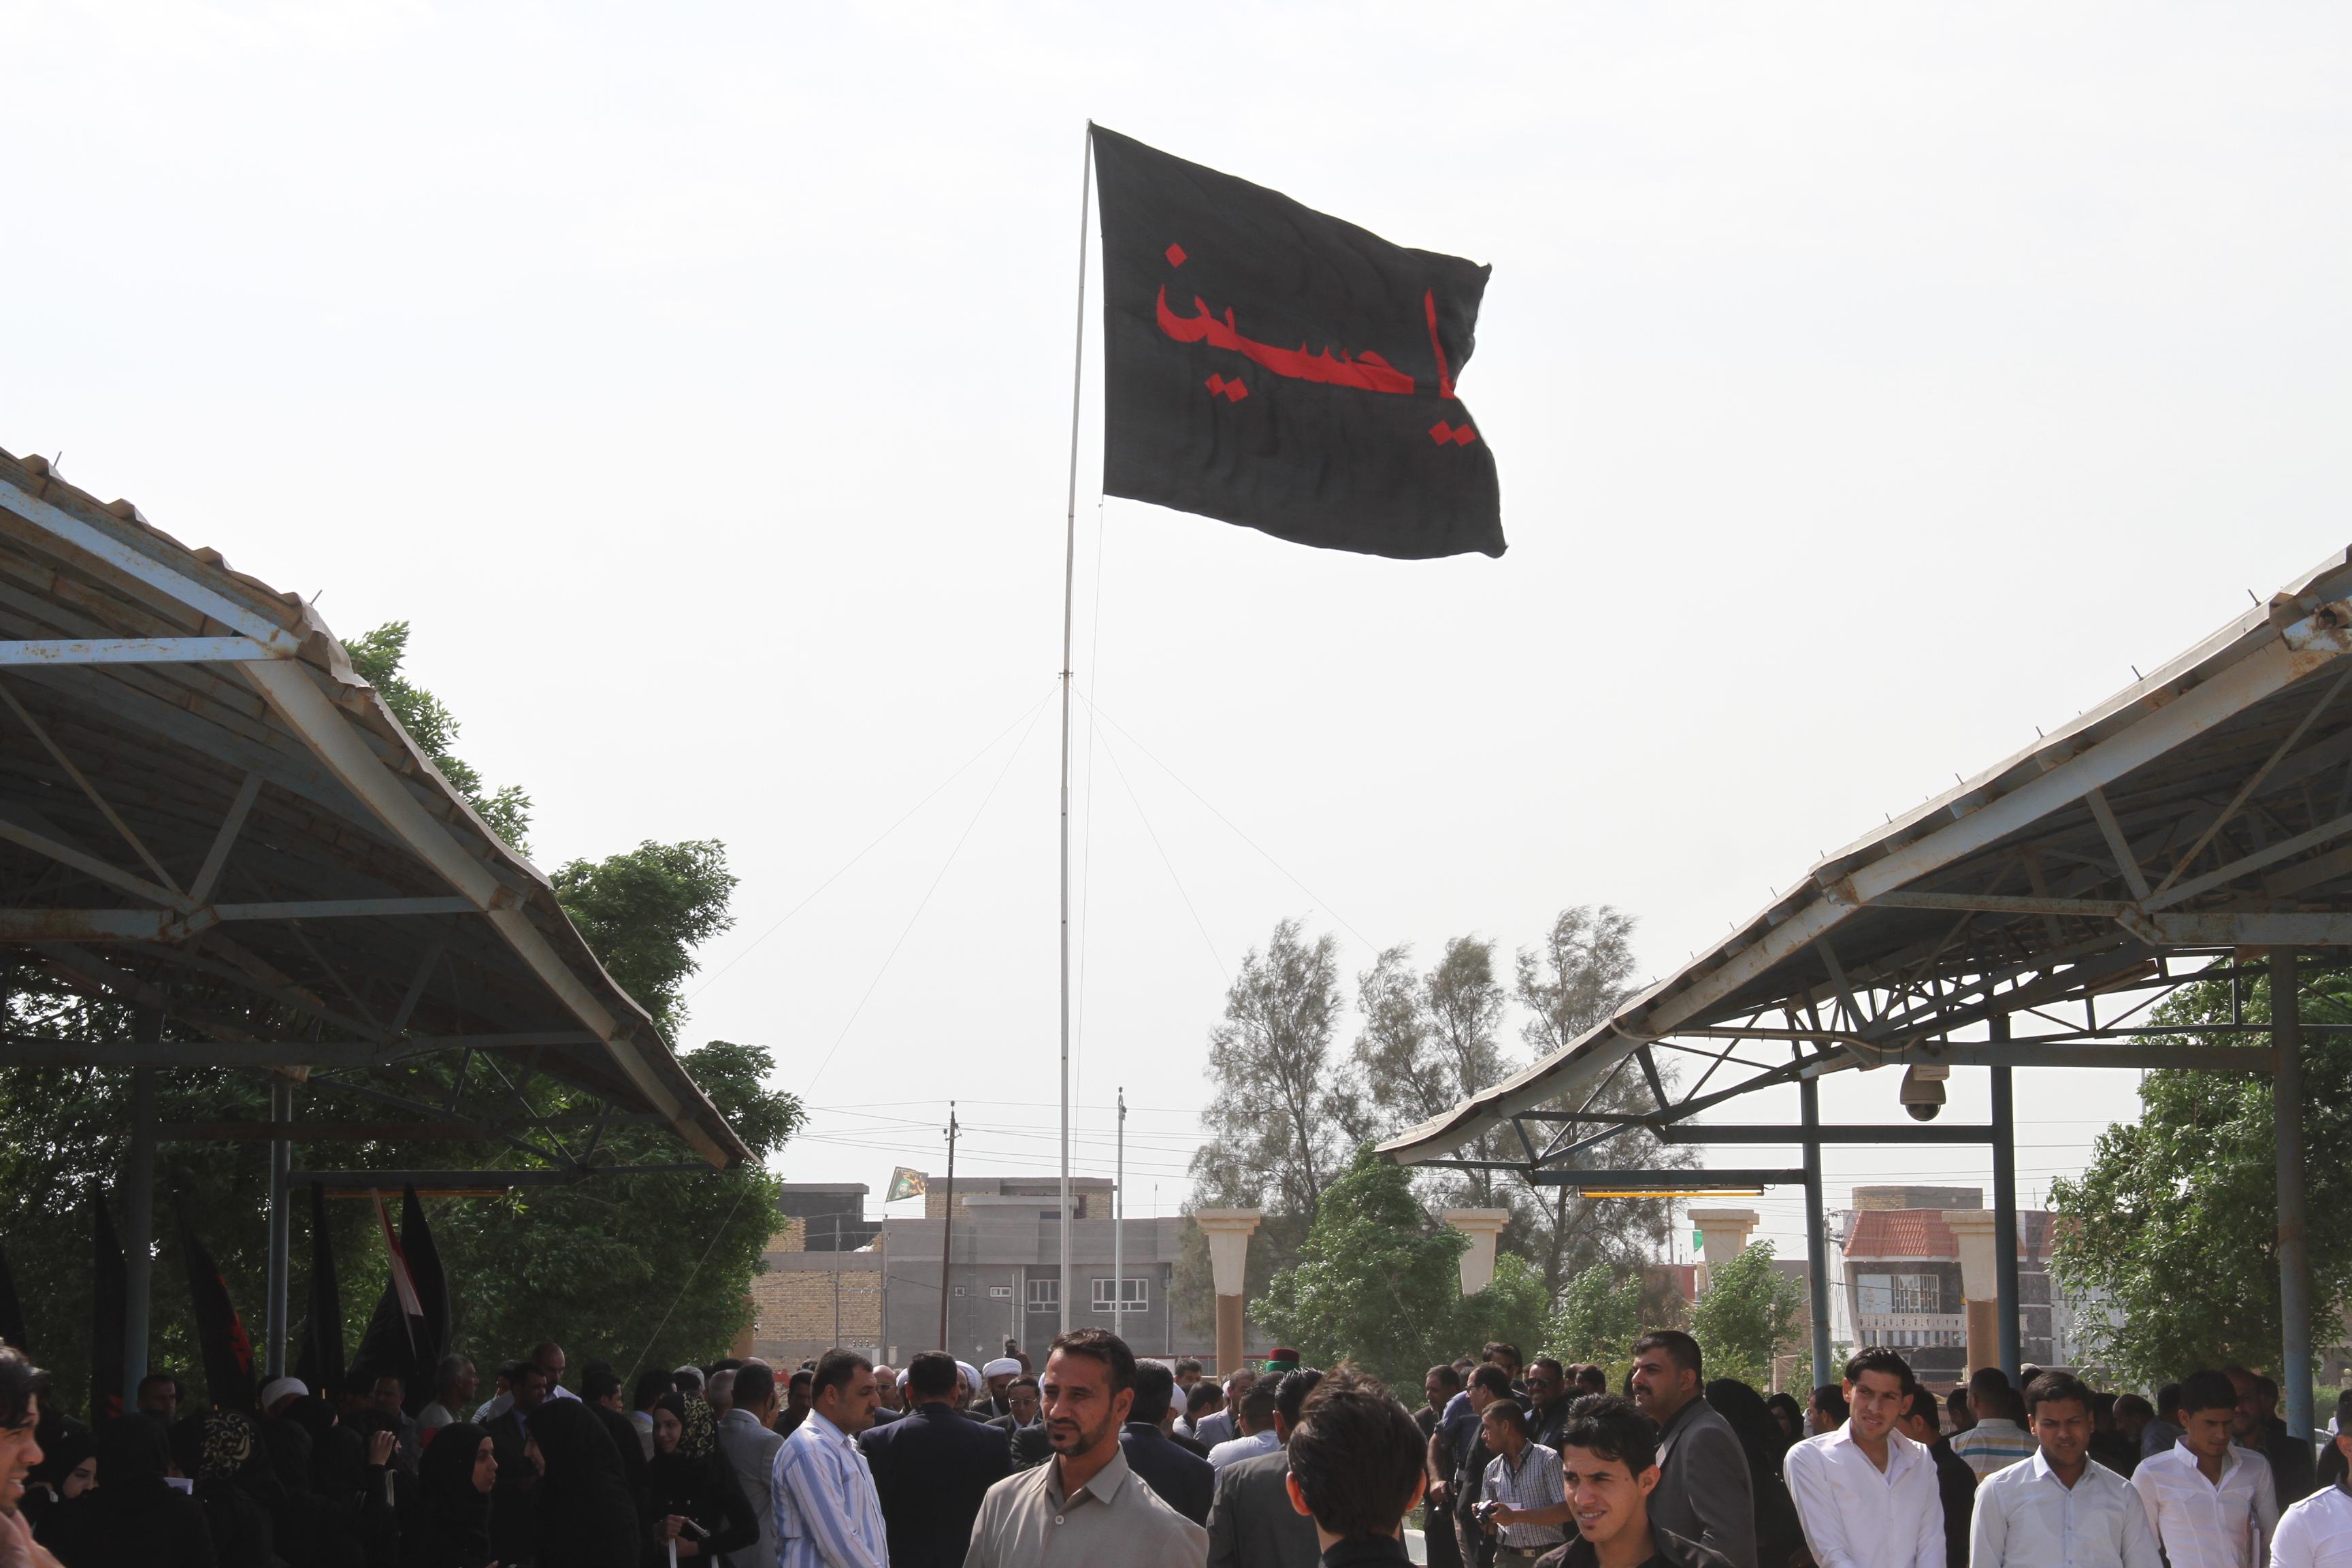 راية (ياحسين) ترفرف في سماء جامعة القادسية